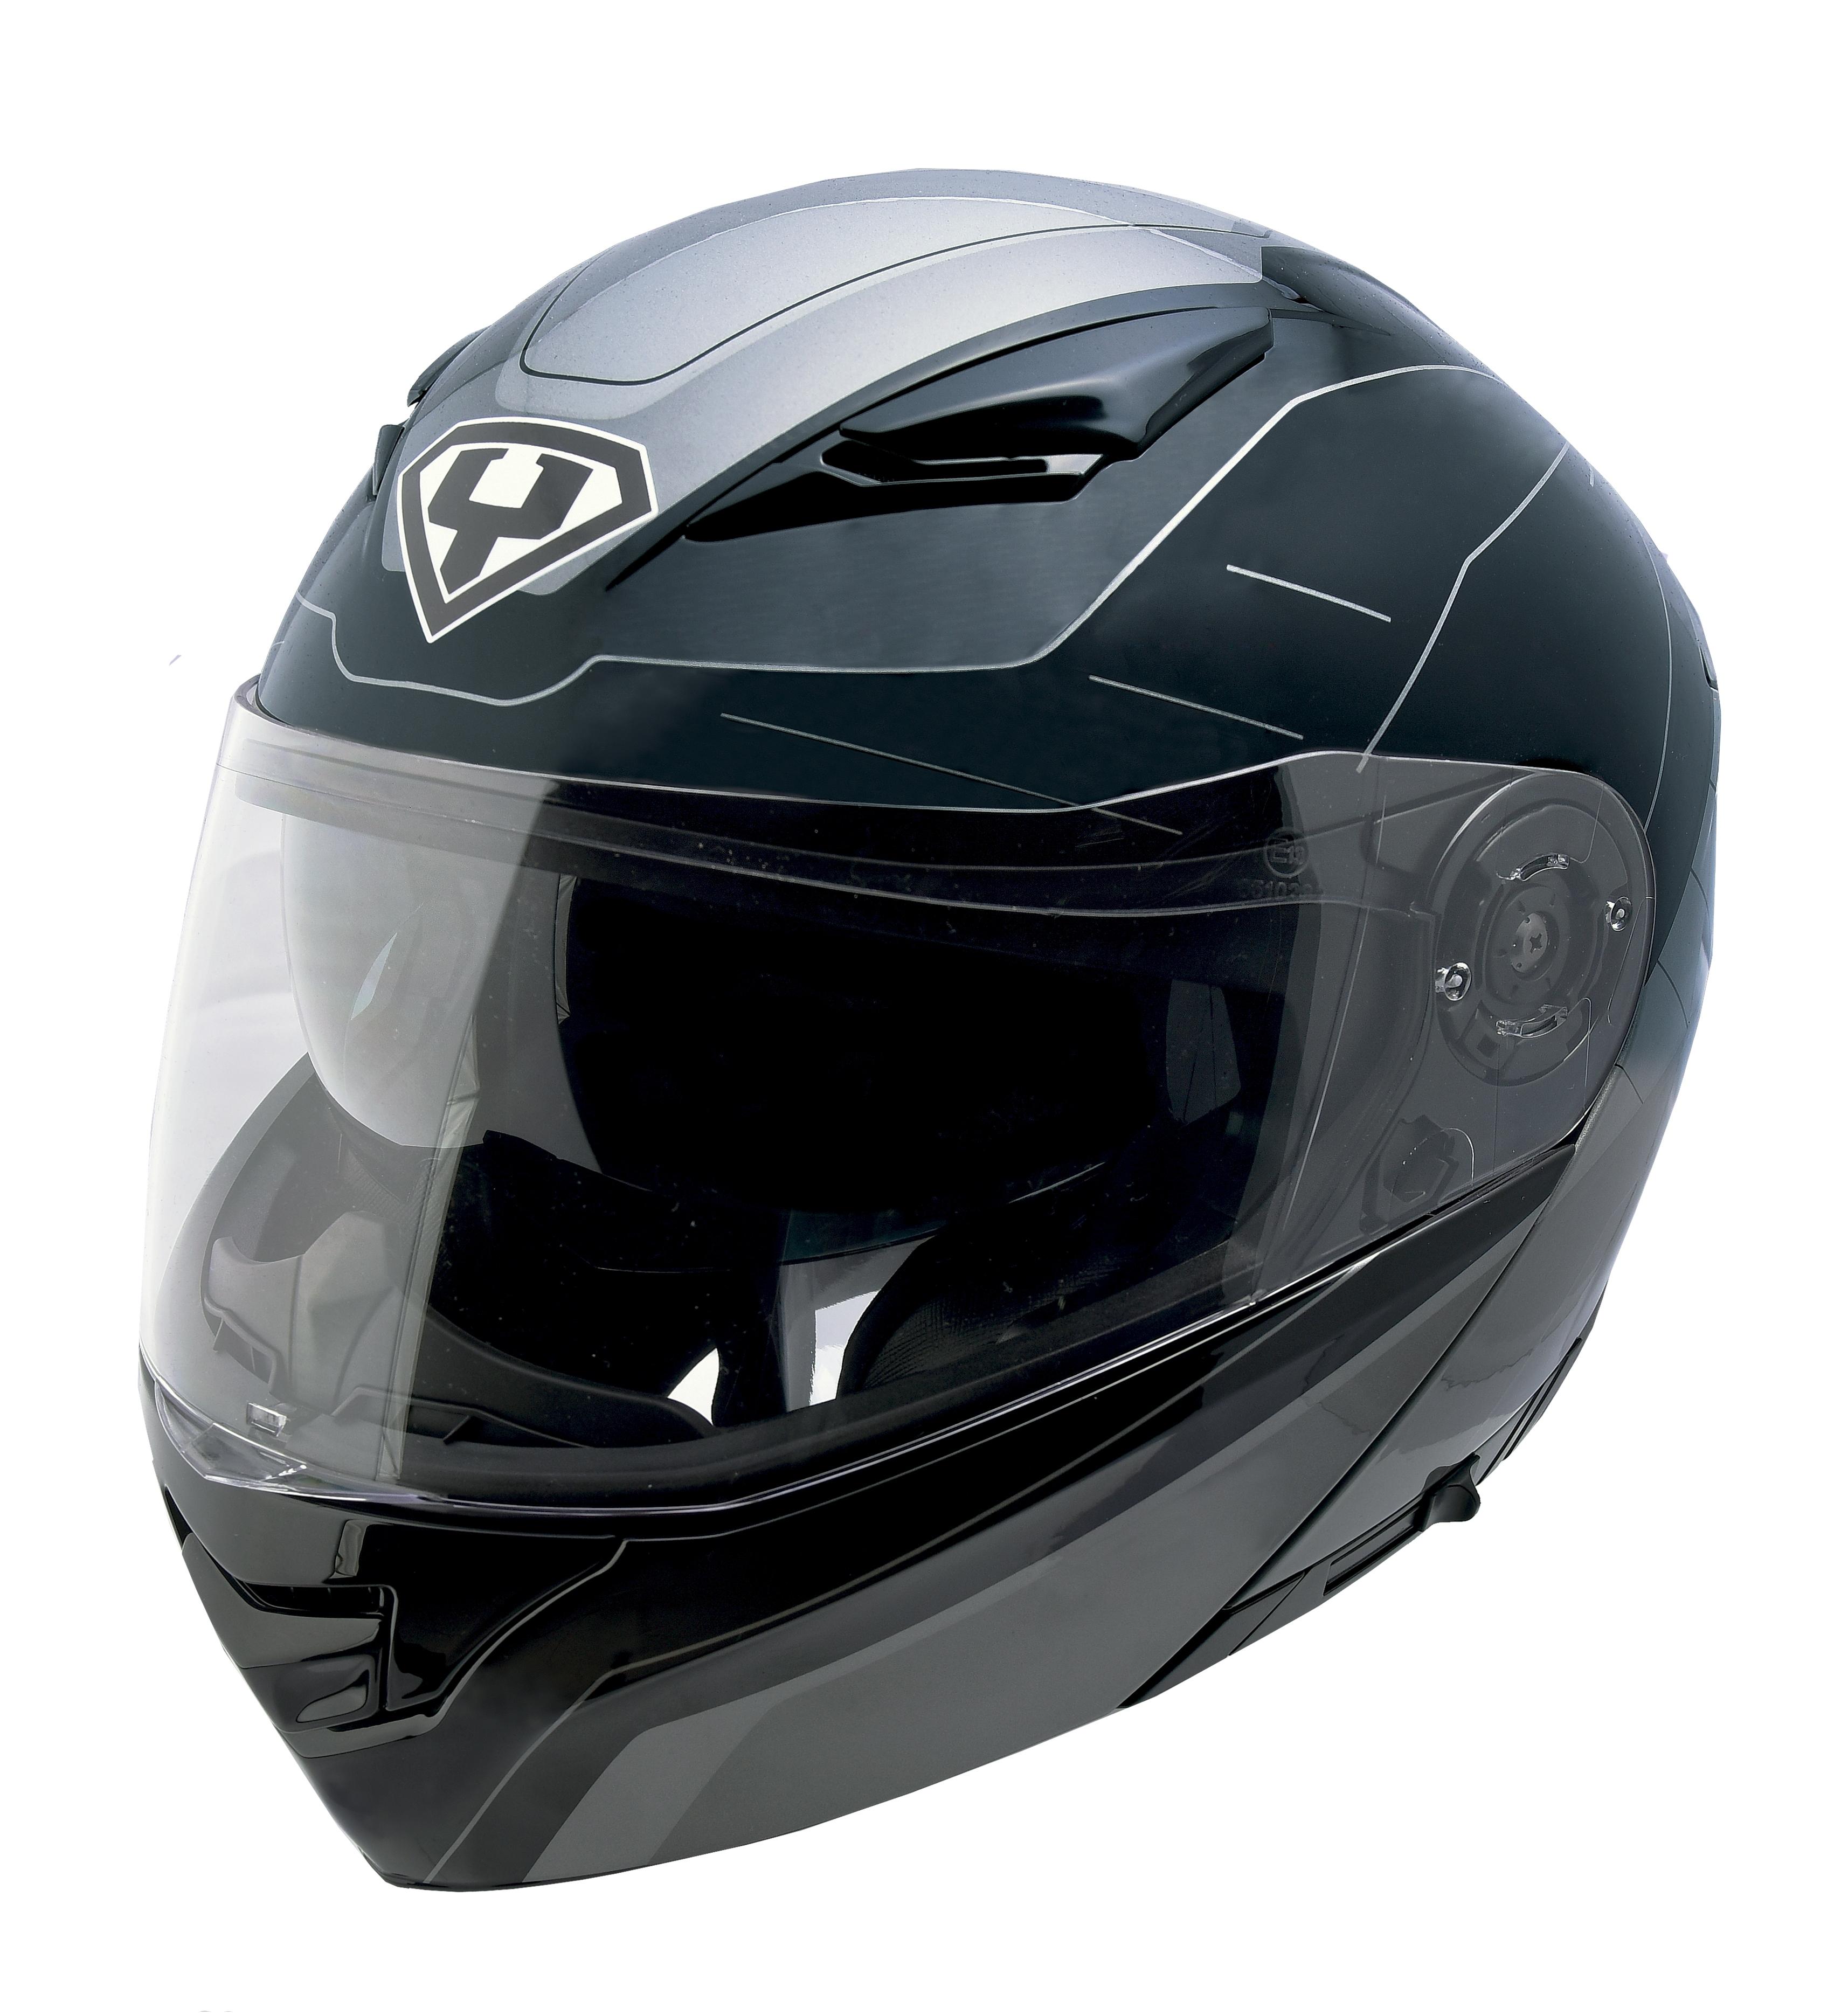 Moto helma Yohe 950-16 černá / šedá